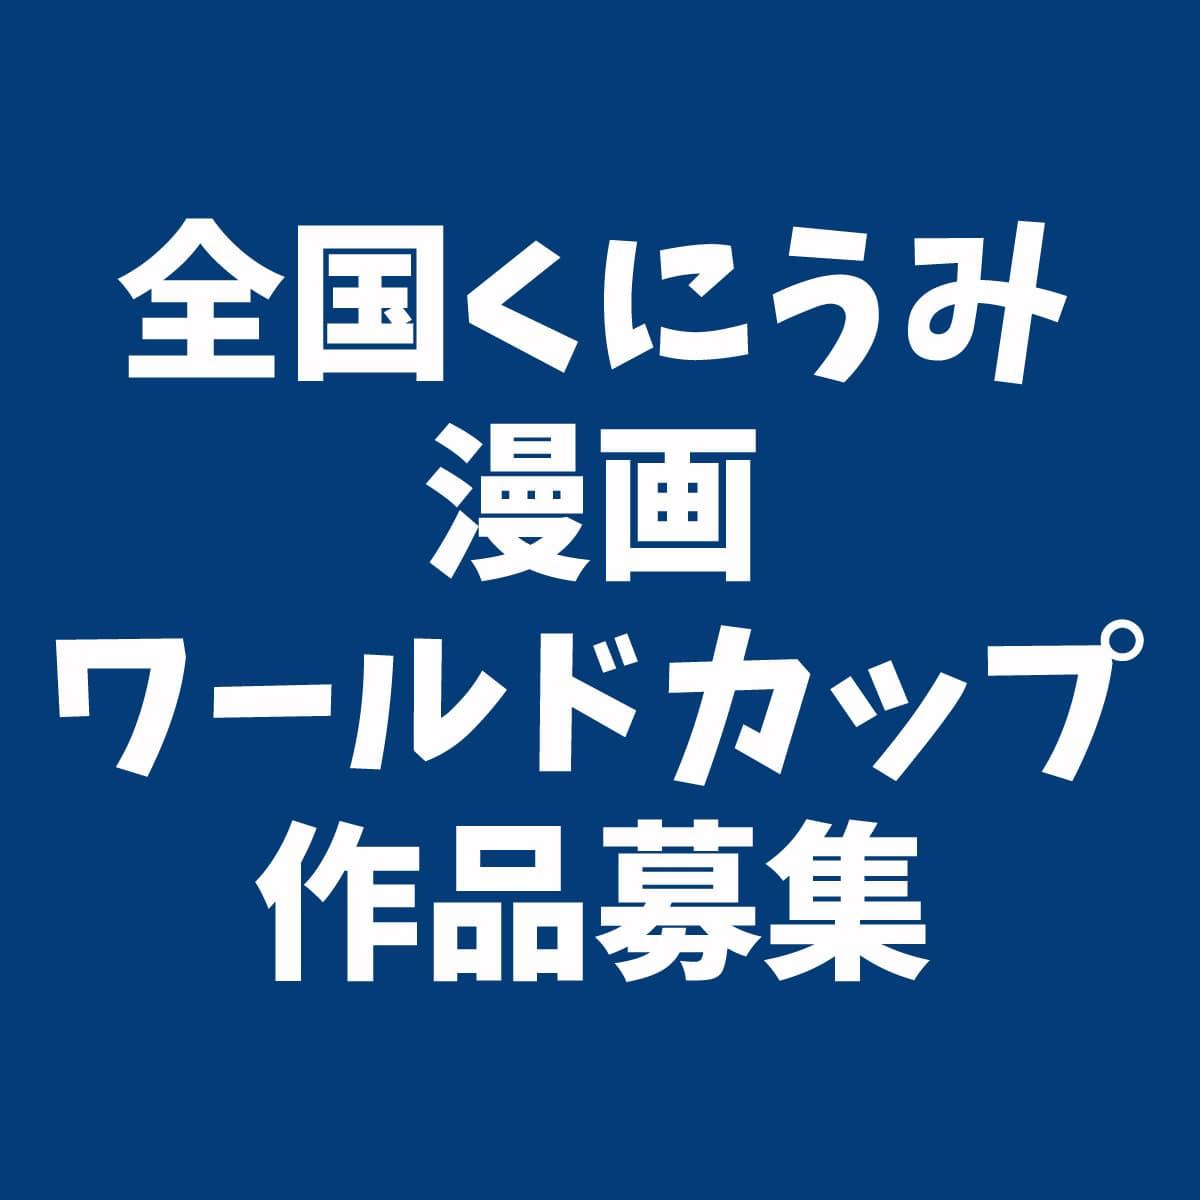 全国くにうみ漫画ワールドカップ作品募集 淡路島日本遺産